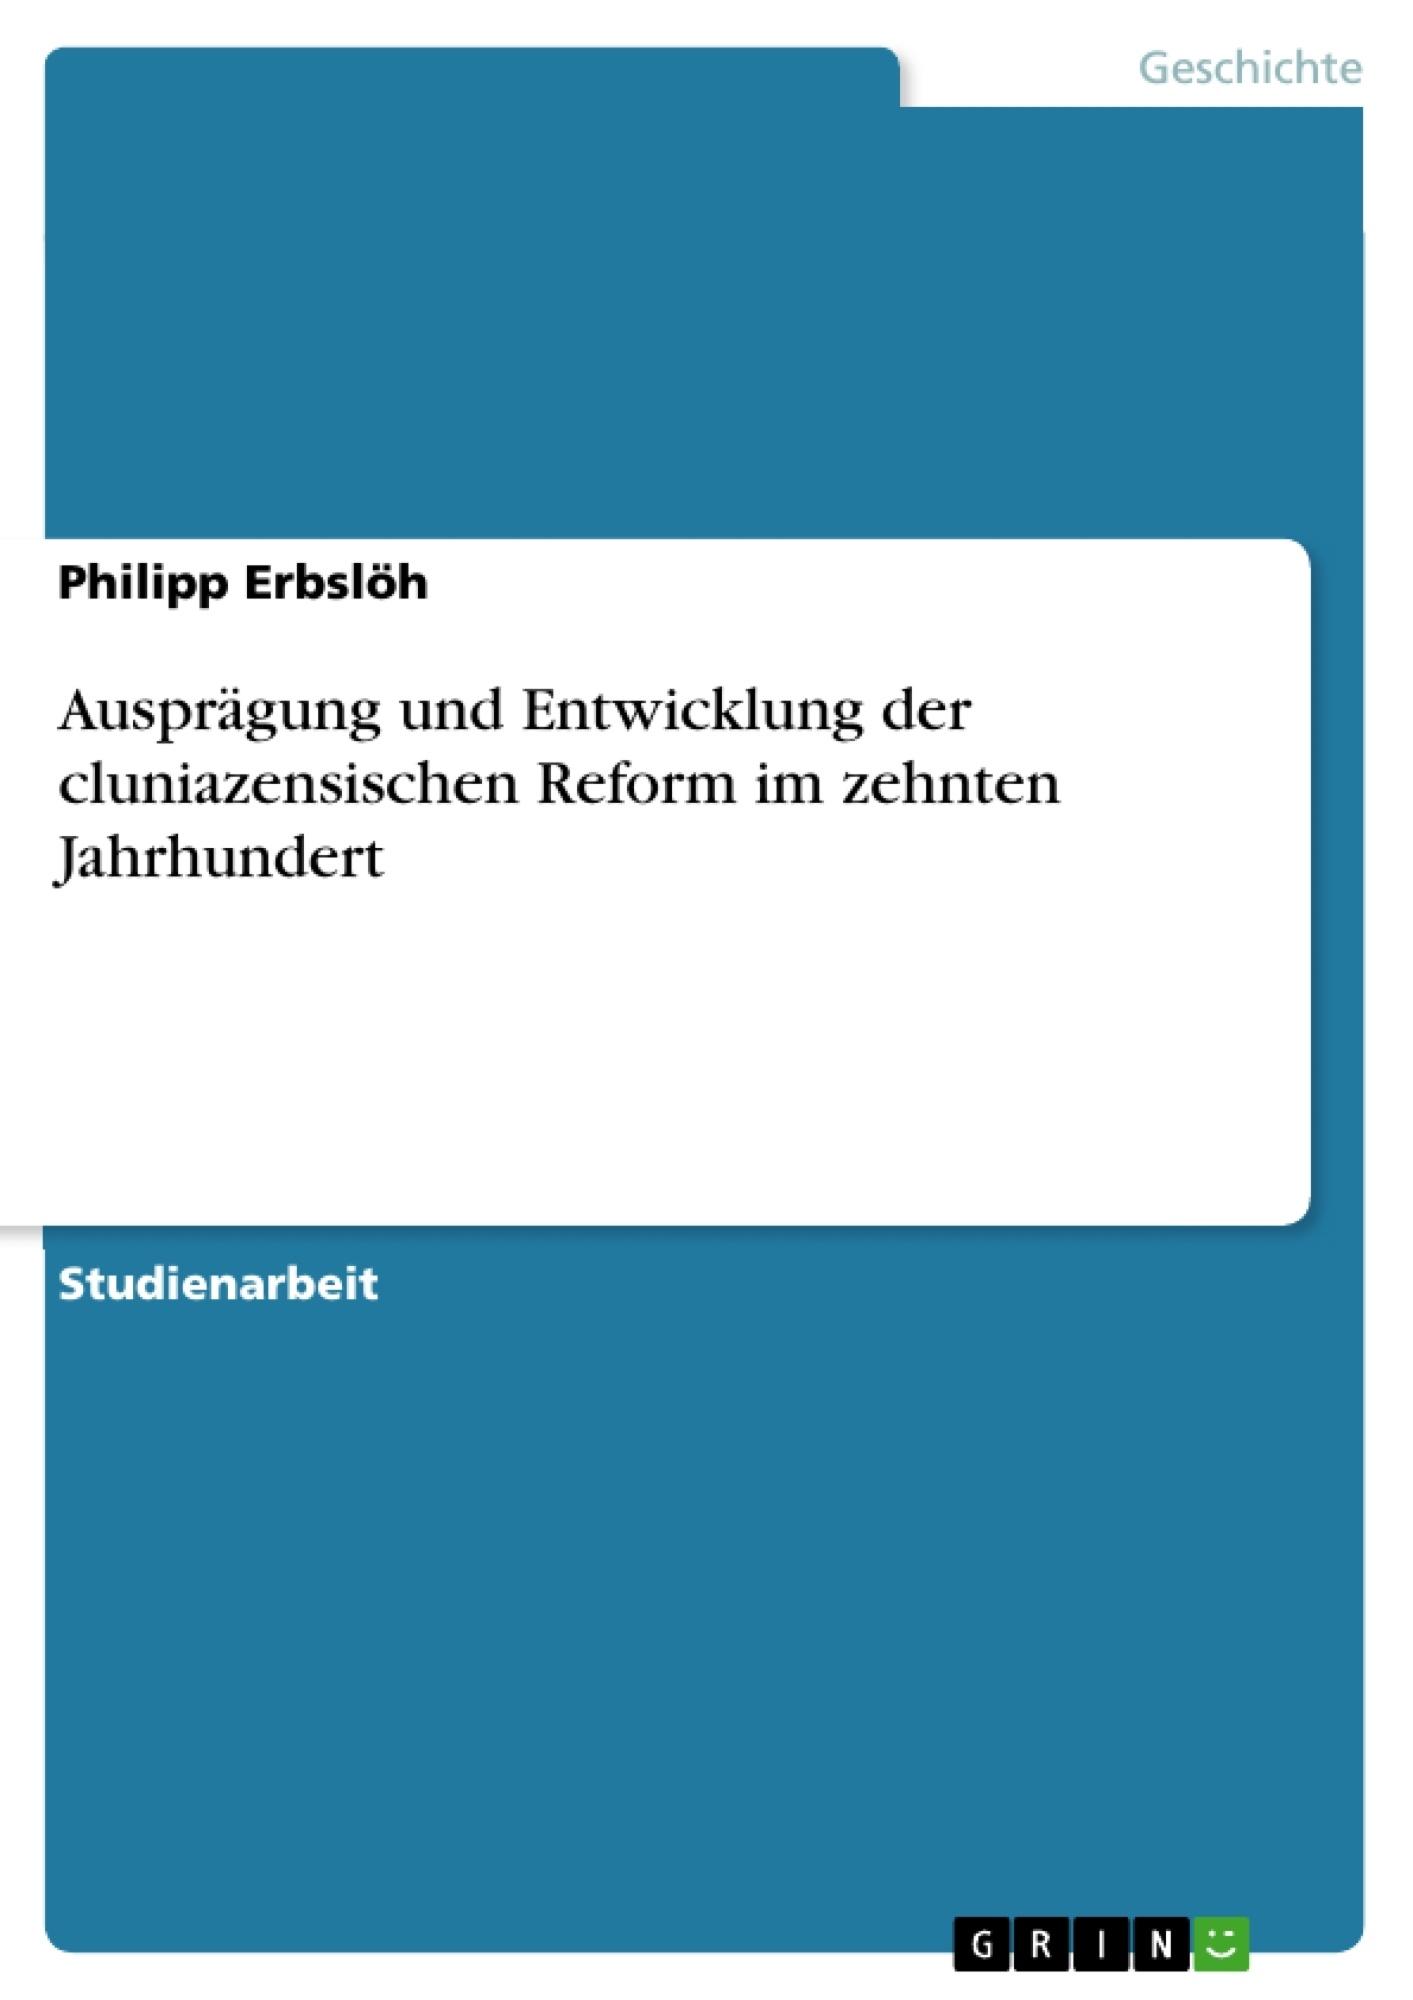 Titel: Ausprägung und Entwicklung  der cluniazensischen Reform  im zehnten Jahrhundert